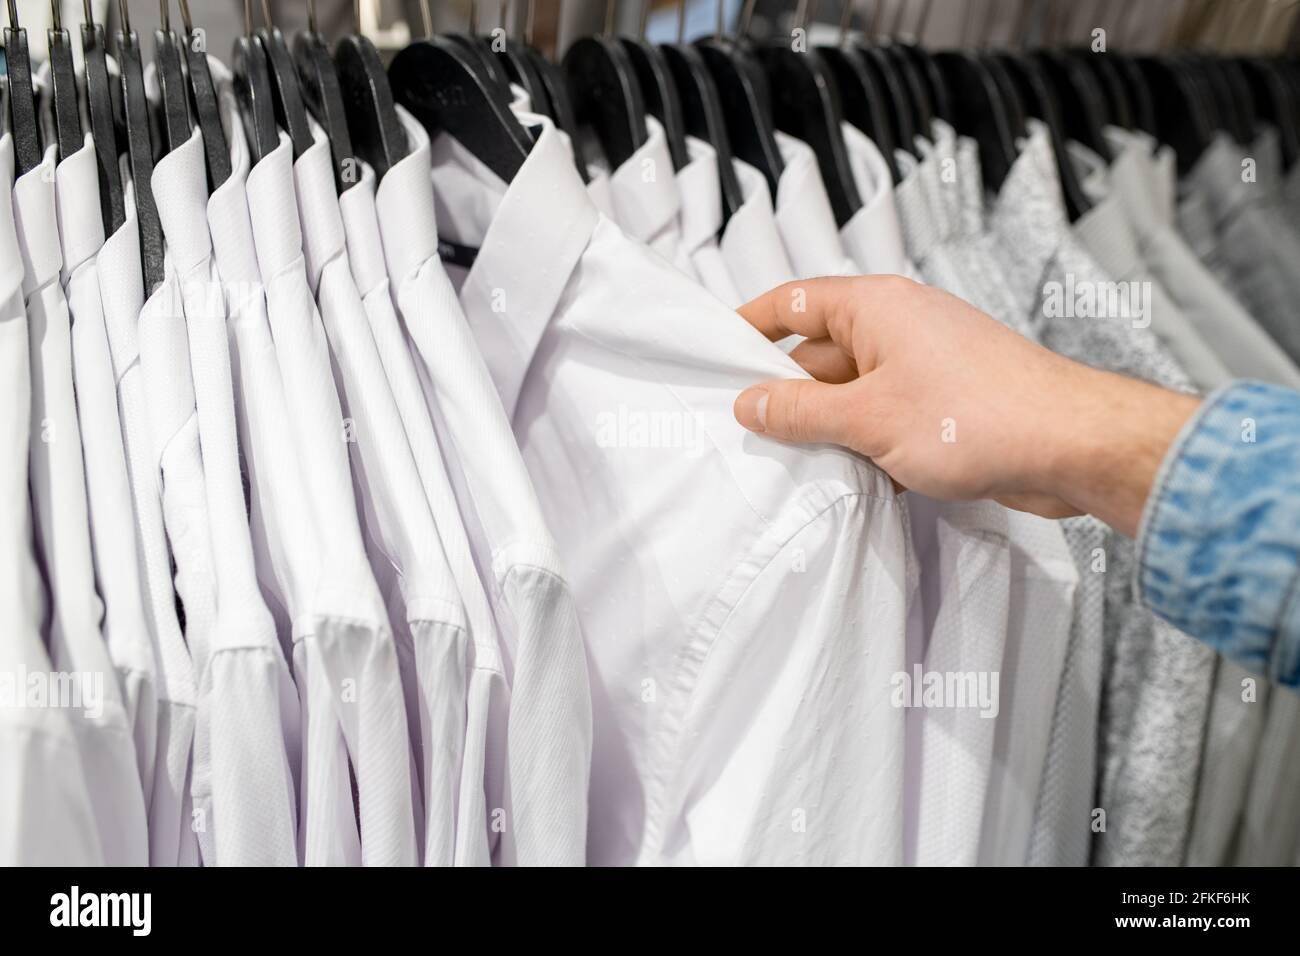 Main de l'acheteur choisissant une chemise blanche dans le magasin de vêtements Banque D'Images